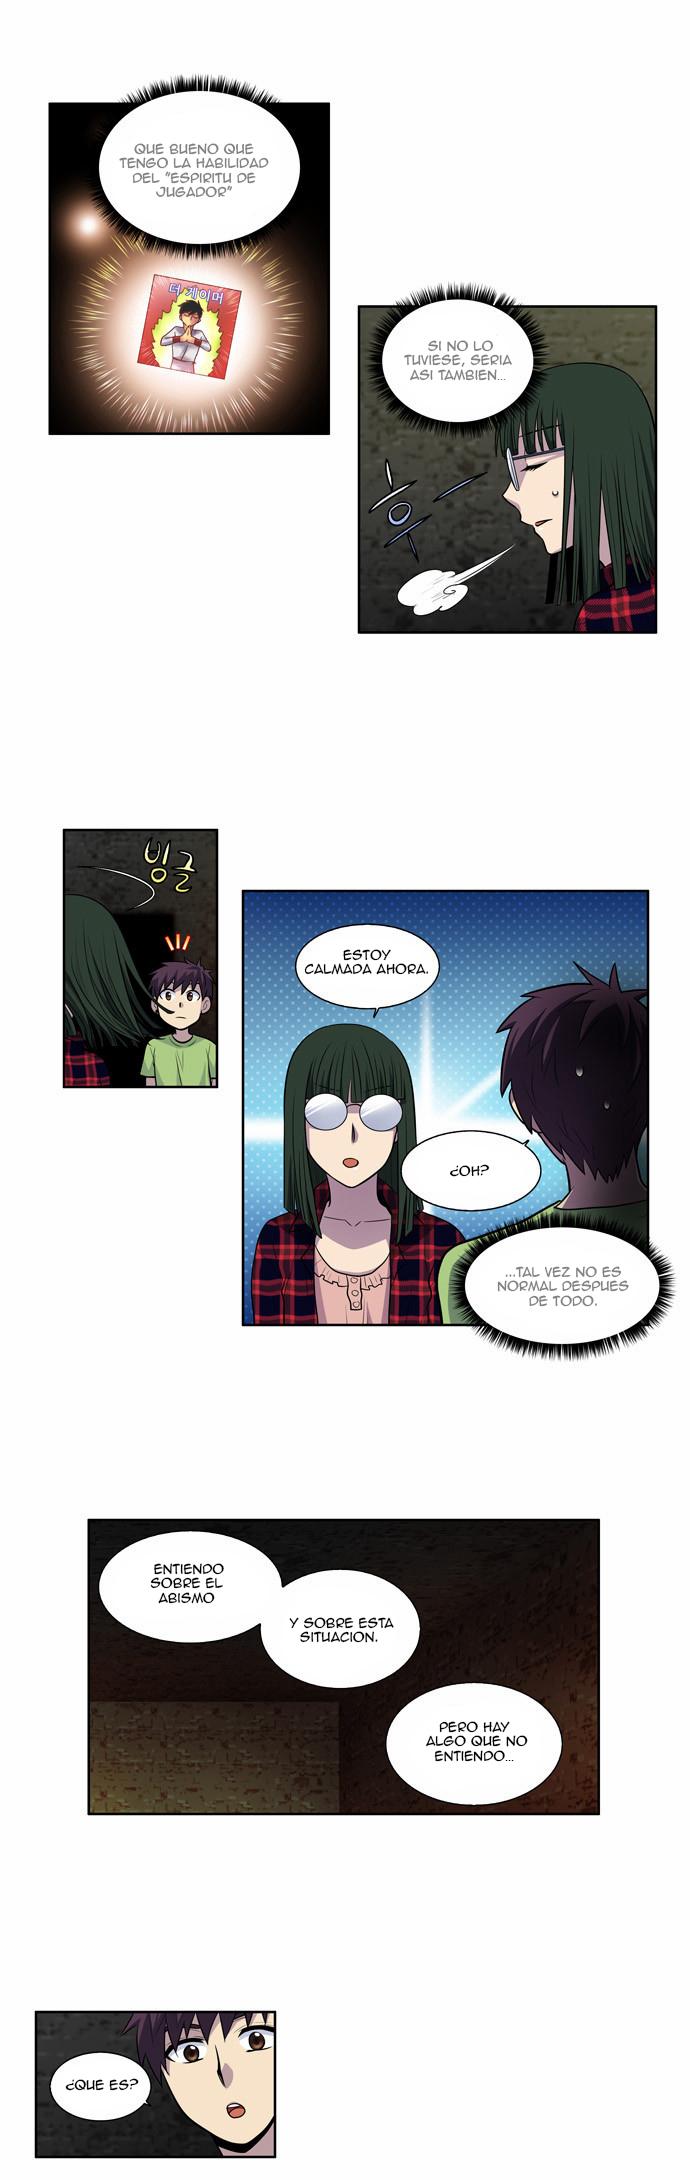 https://c5.ninemanga.com/es_manga/61/1725/420675/1b9cf5b29f7132a24df101df5f8d184e.jpg Page 3